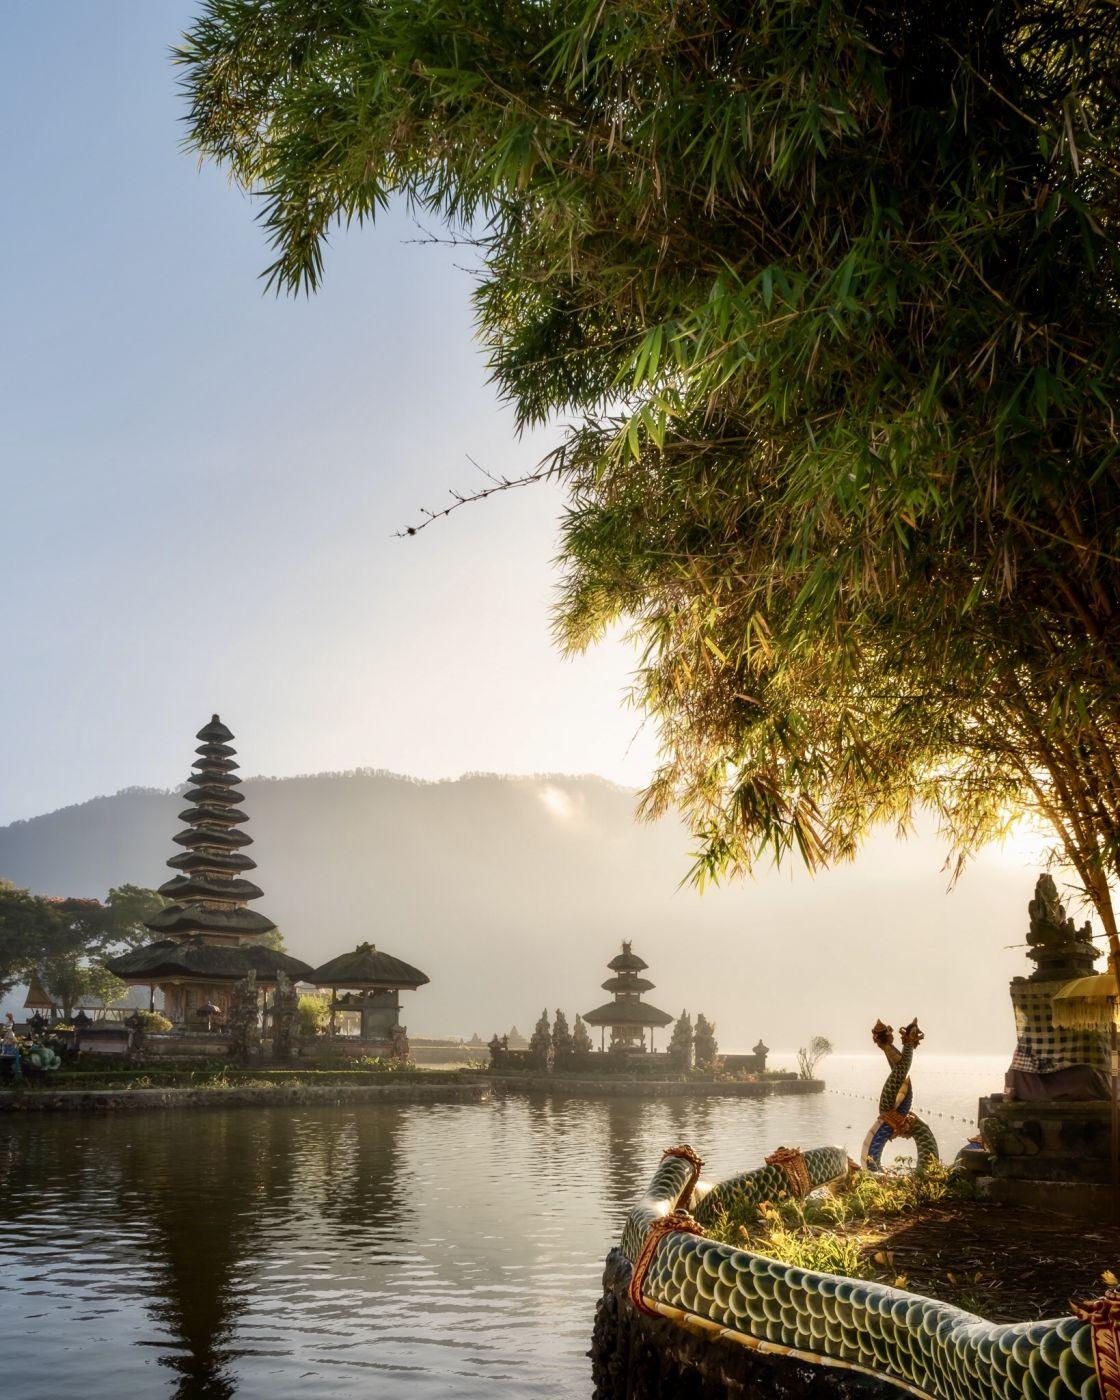 Ulun Dani Beratan Temple, Indonesia